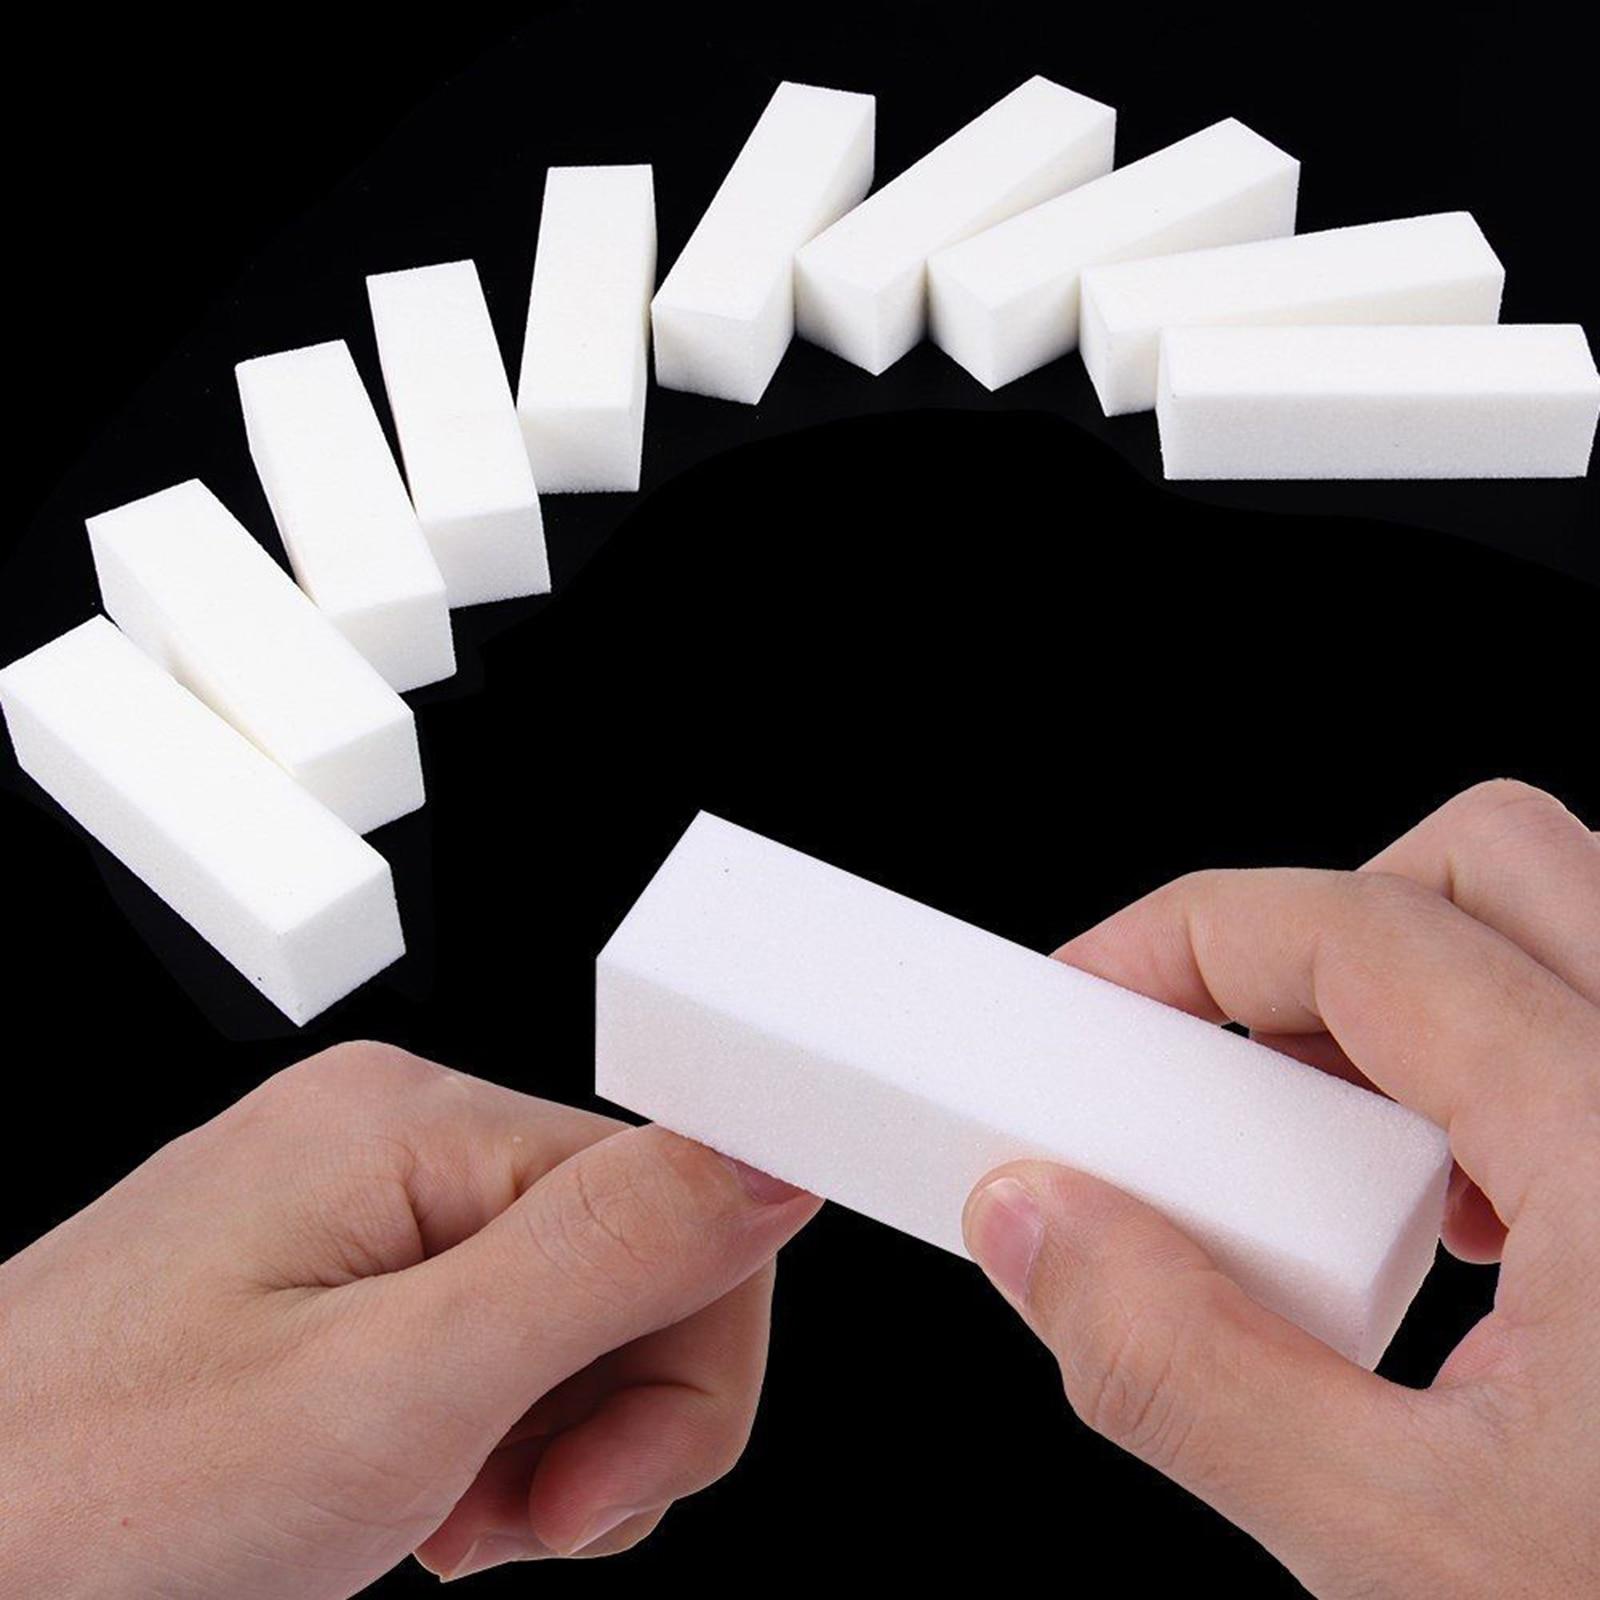 1/5/10 Uds lima de uñas blanca bloque de tope de lijado para esmalte de uñas Lima no daña las uñas duradero Dropshipping nuevo